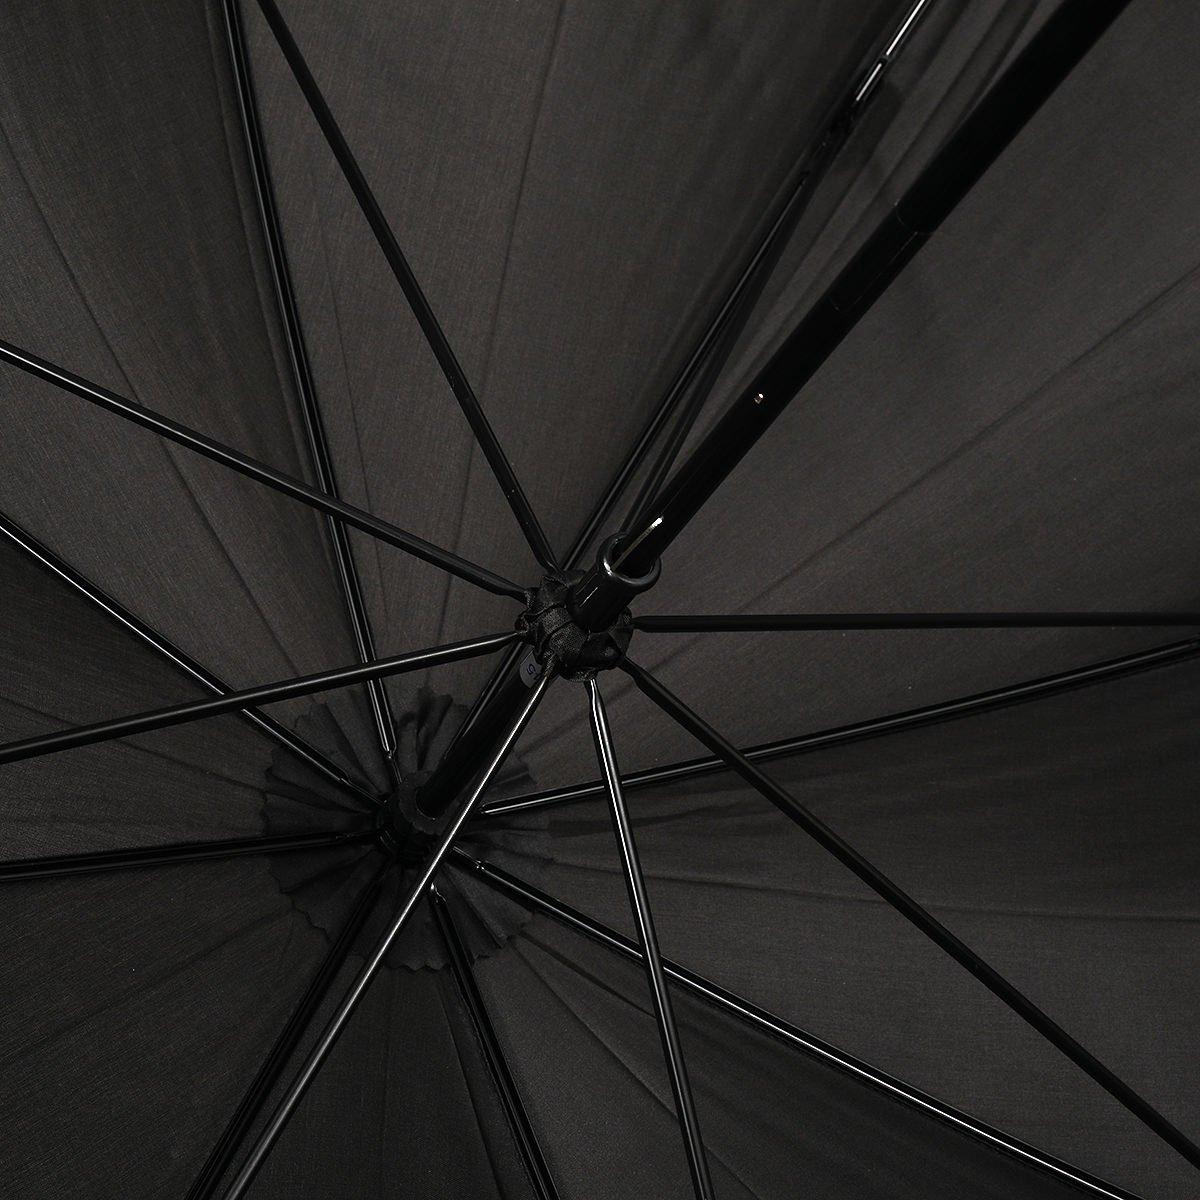 富士絹 細巻き 長傘 詳細画像10